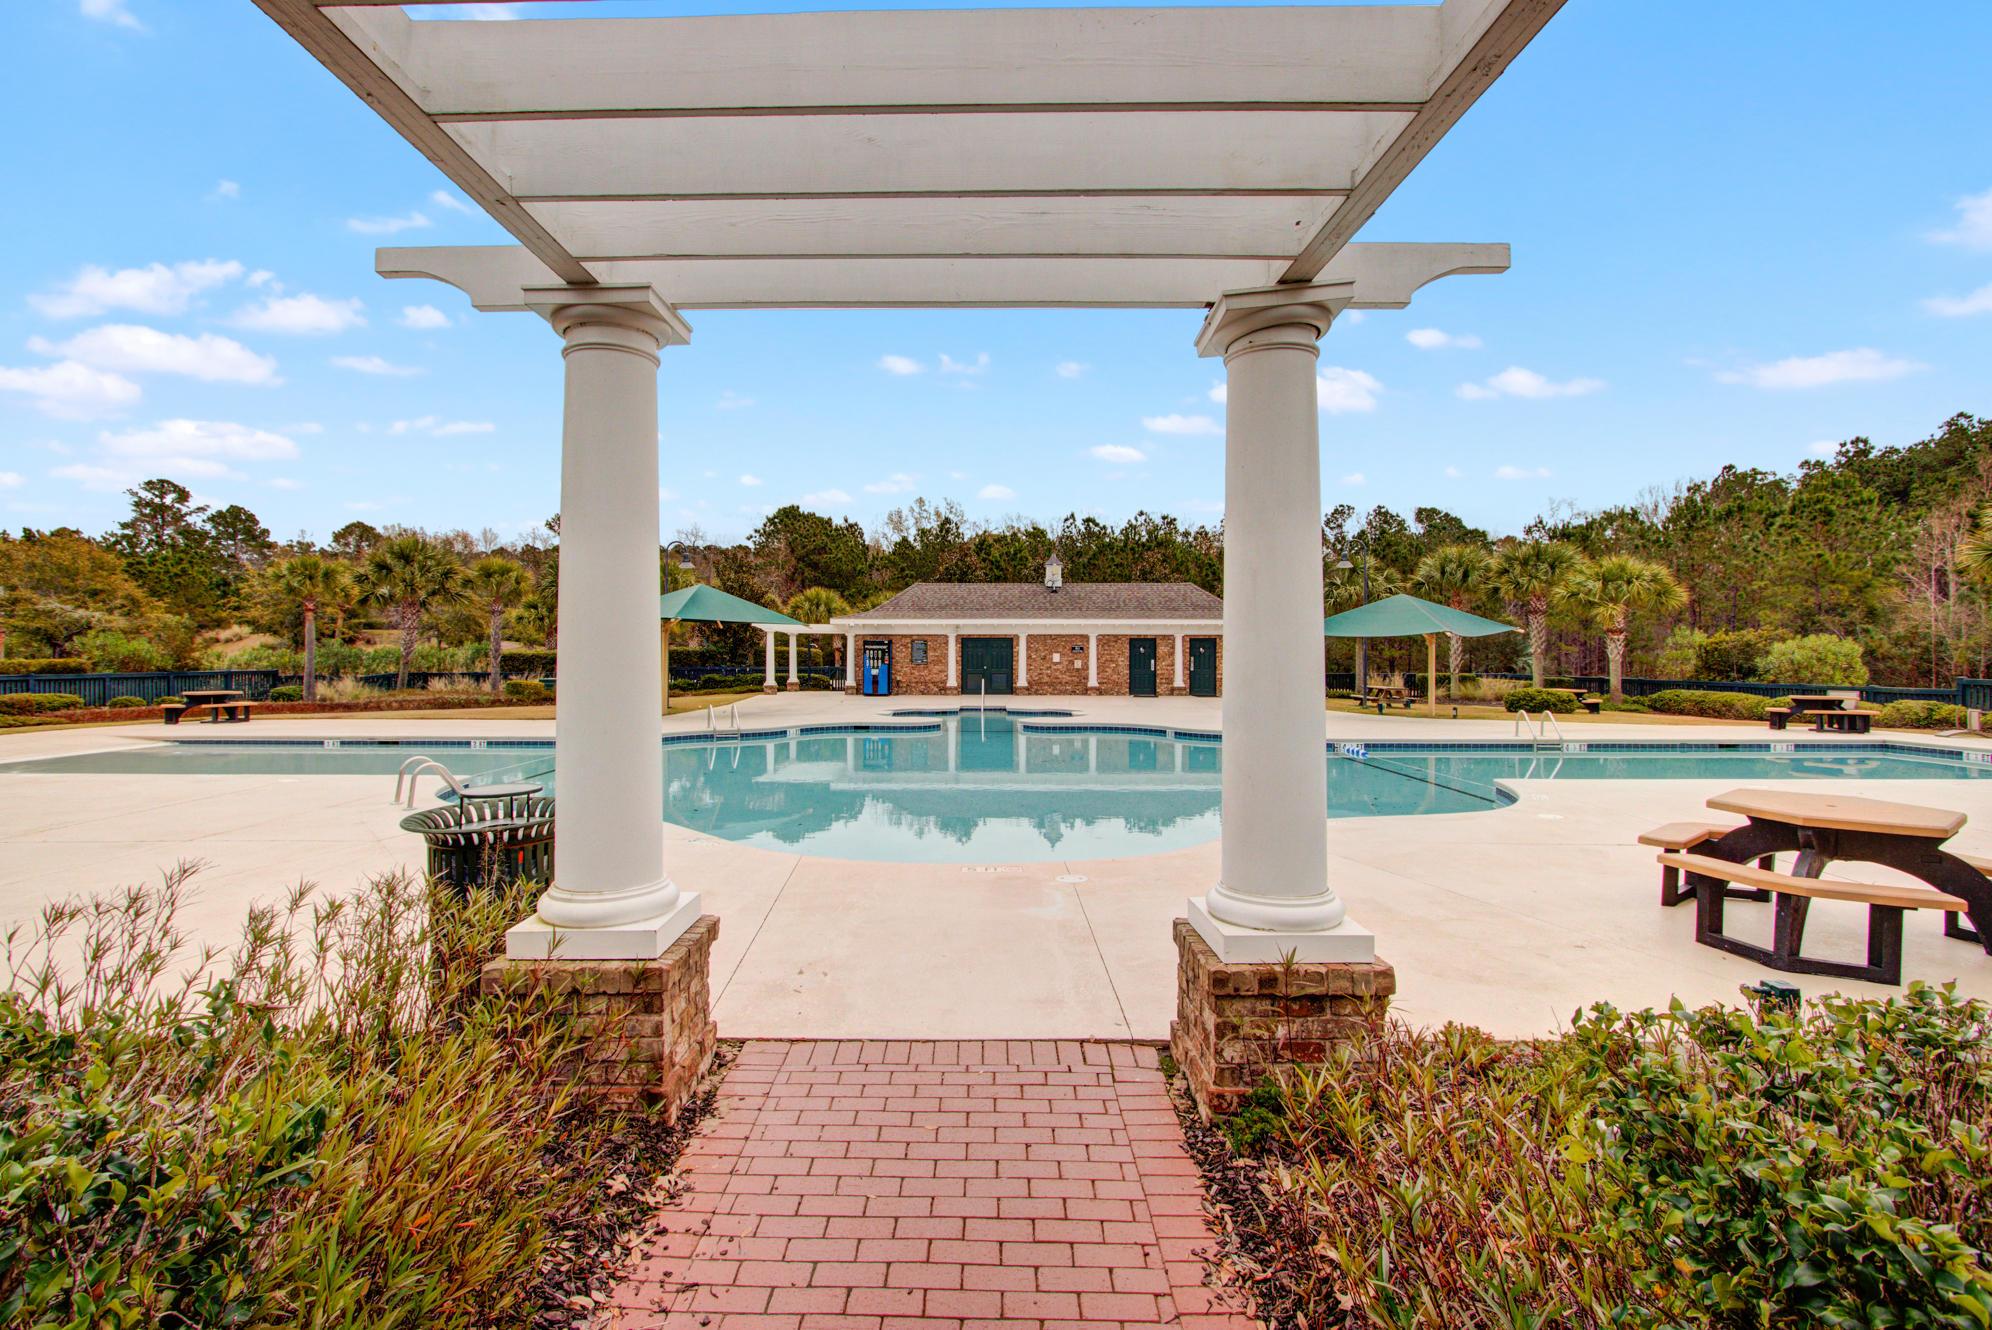 Park West Homes For Sale - 1527 Capel, Mount Pleasant, SC - 13